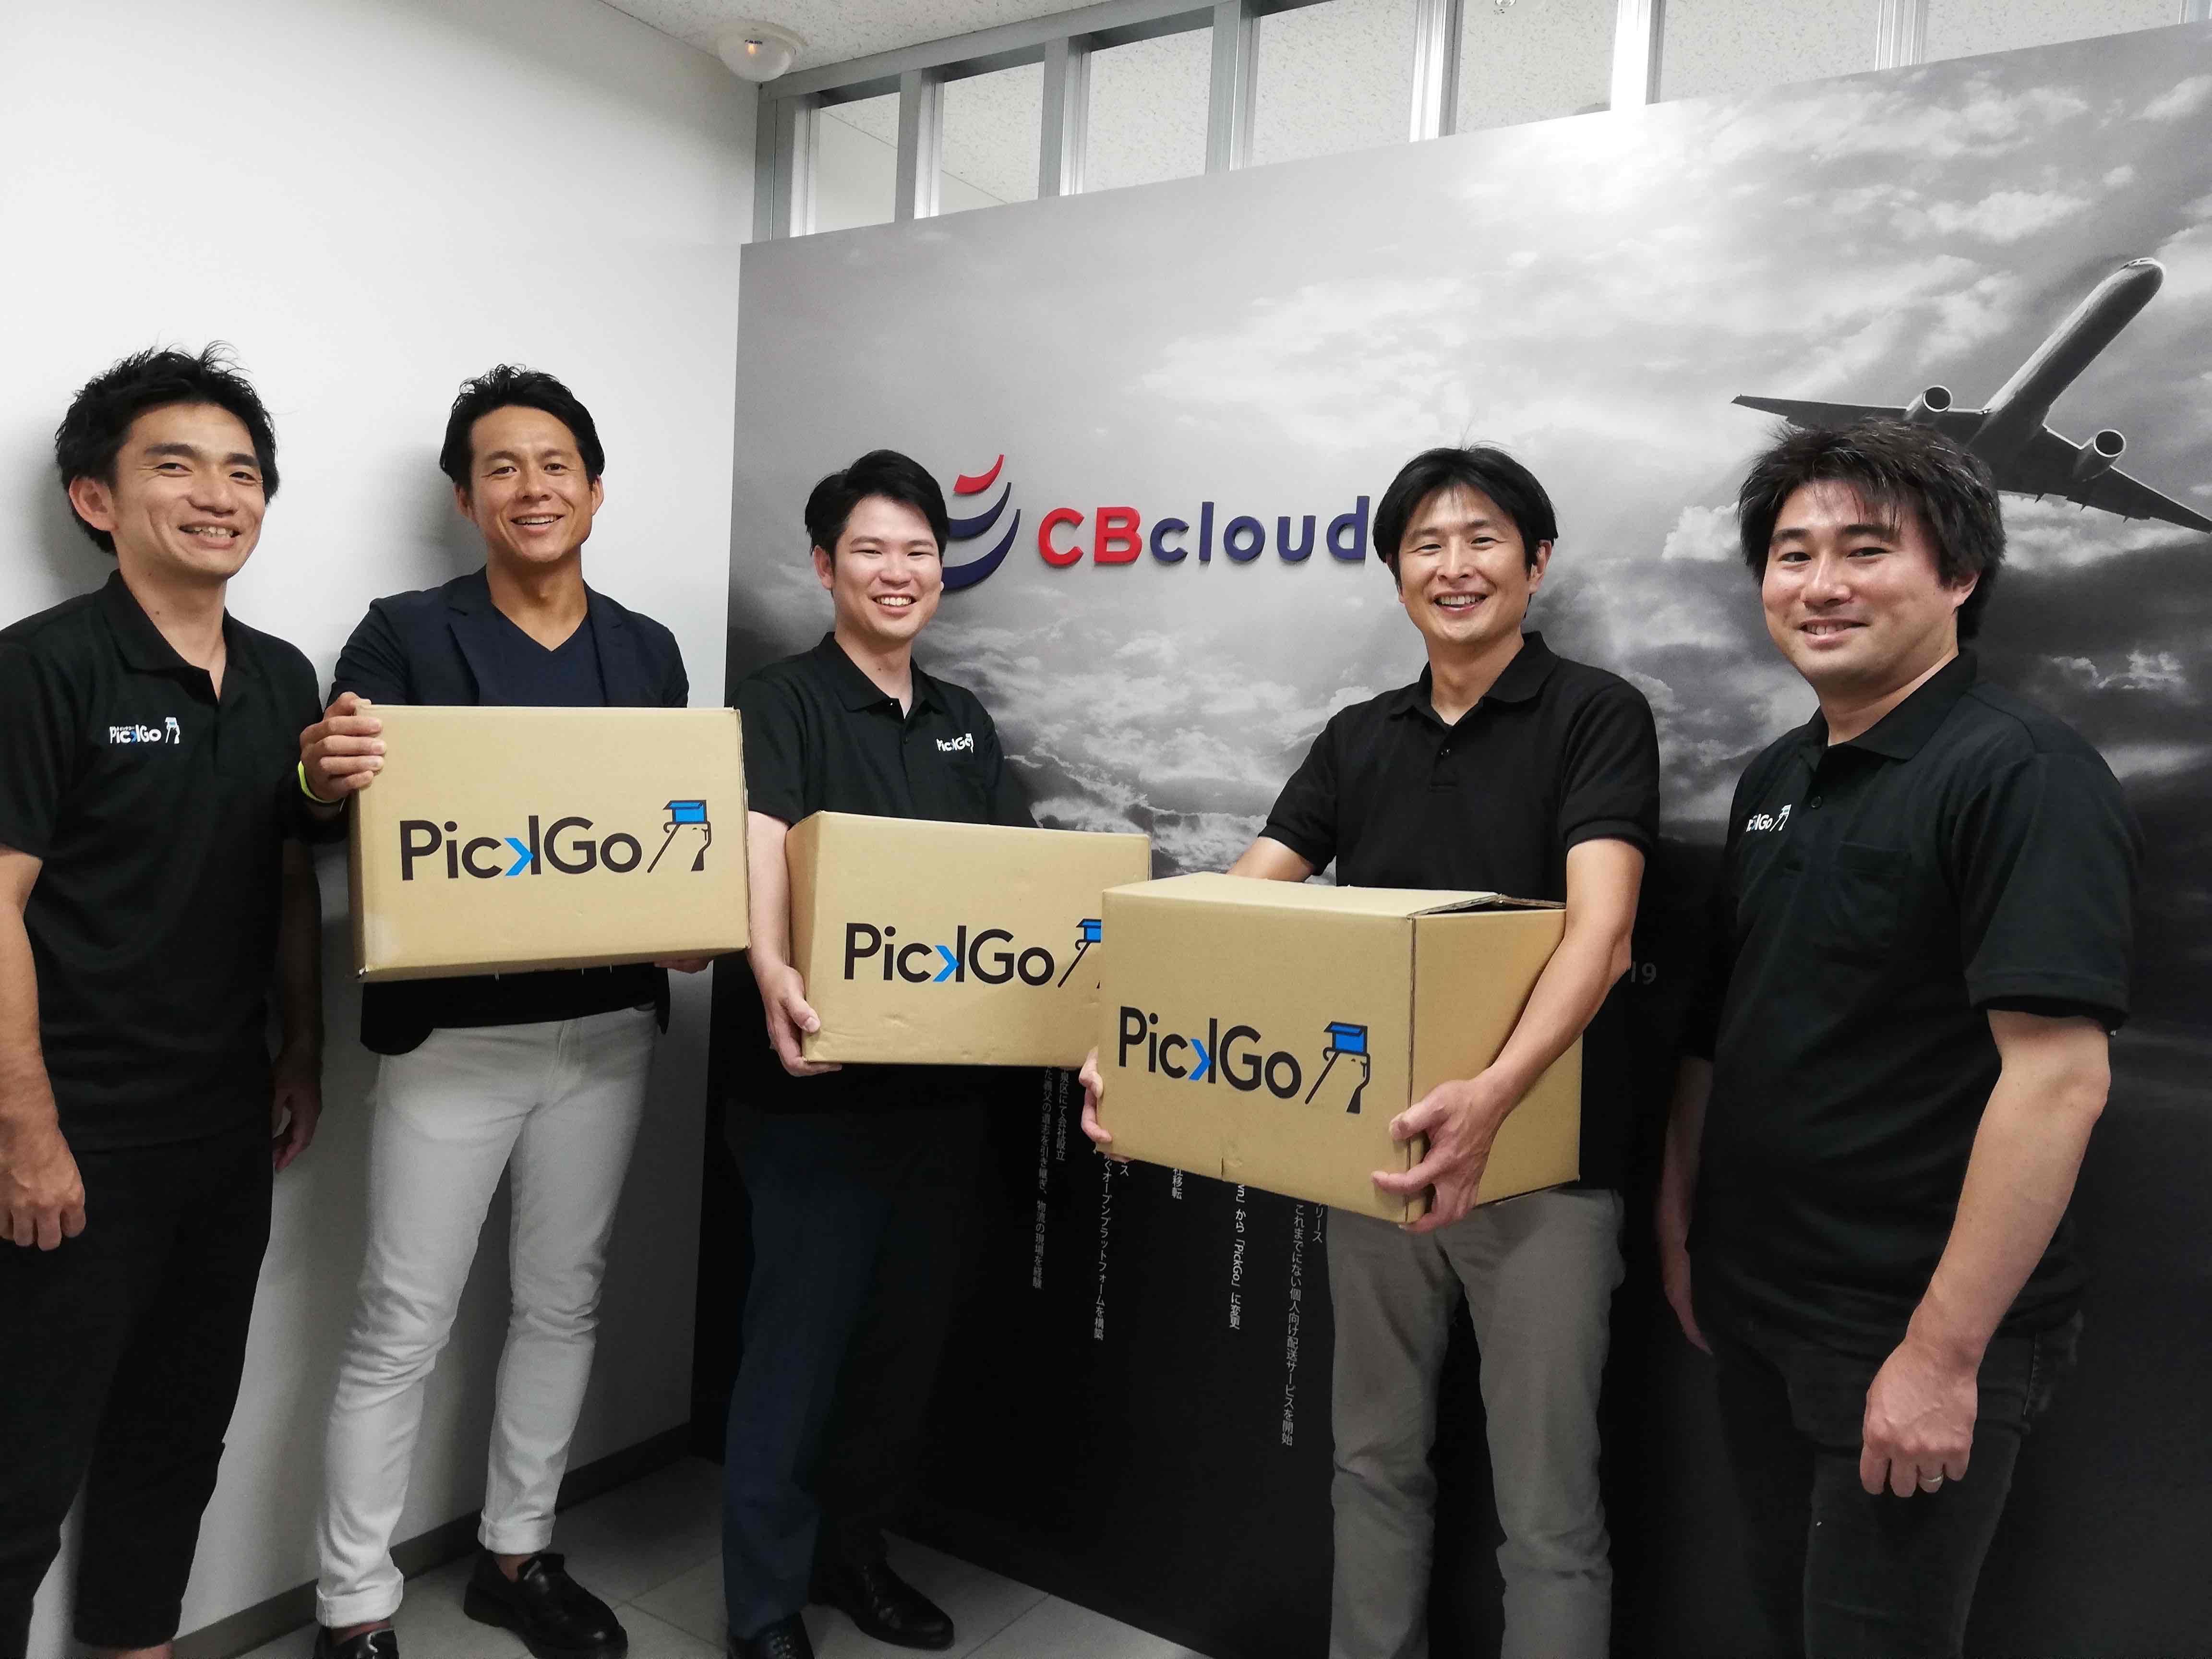 JR東日本スタートアップとCBcloudが提携、配送マッチングプラットフォーム「PickGo」を掛け合わせた新事業創出を目指す